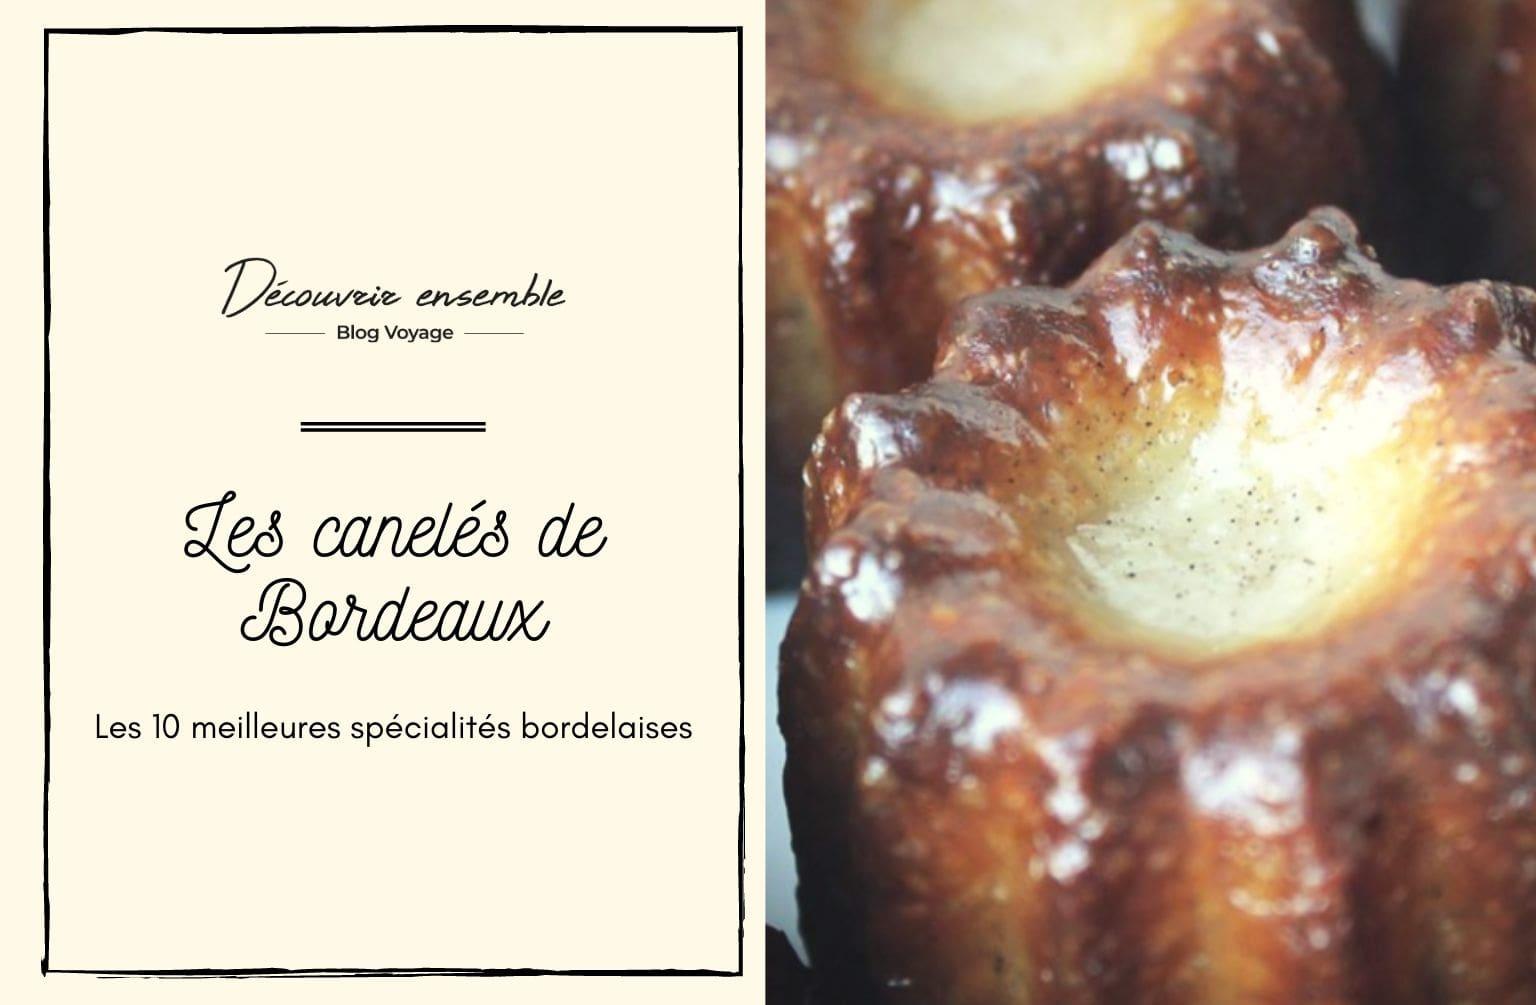 les canelés de Bordeaux